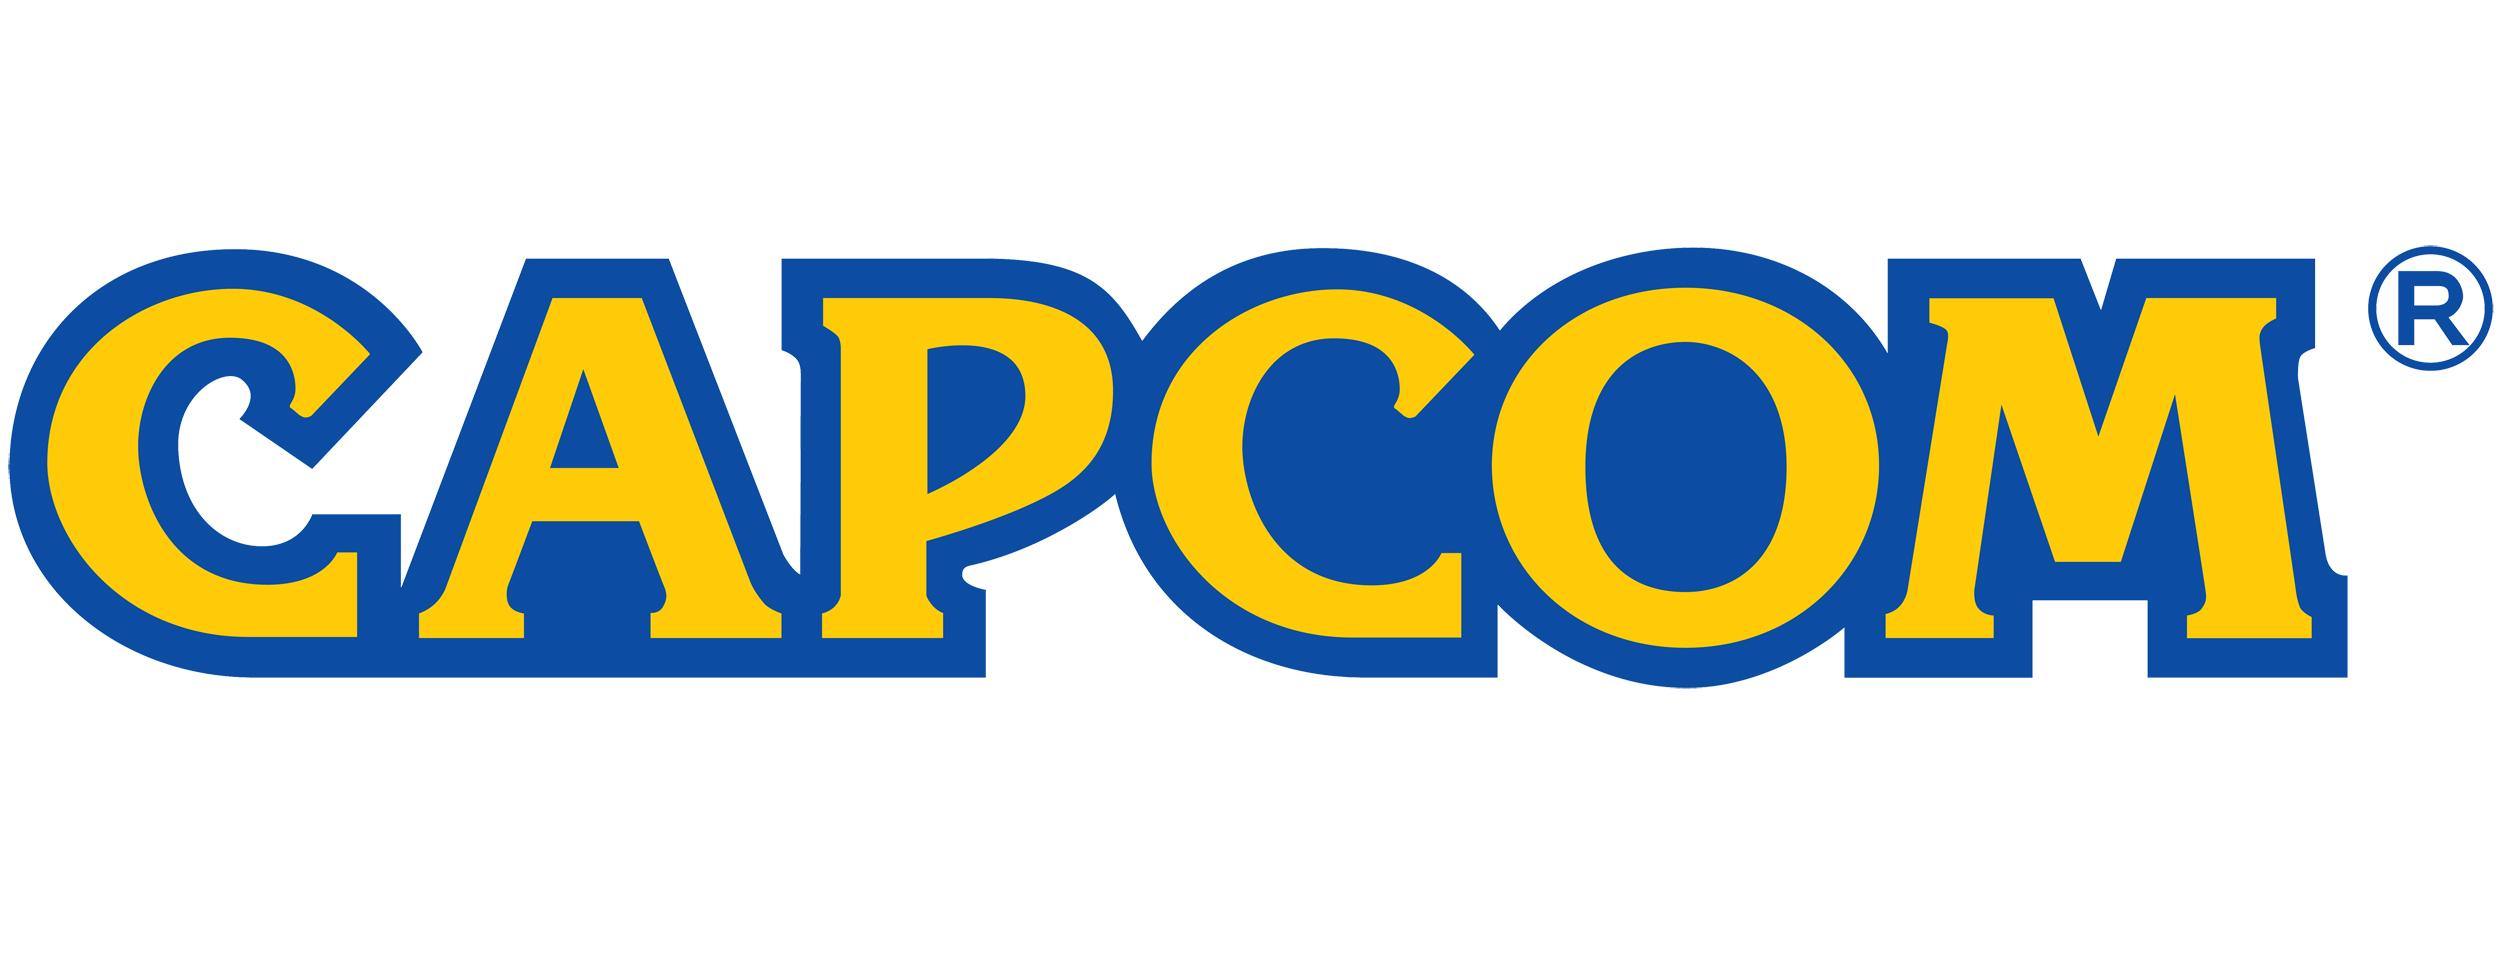 Capcom & Bandai Namco Will Have A Few Surprises At E3 2015